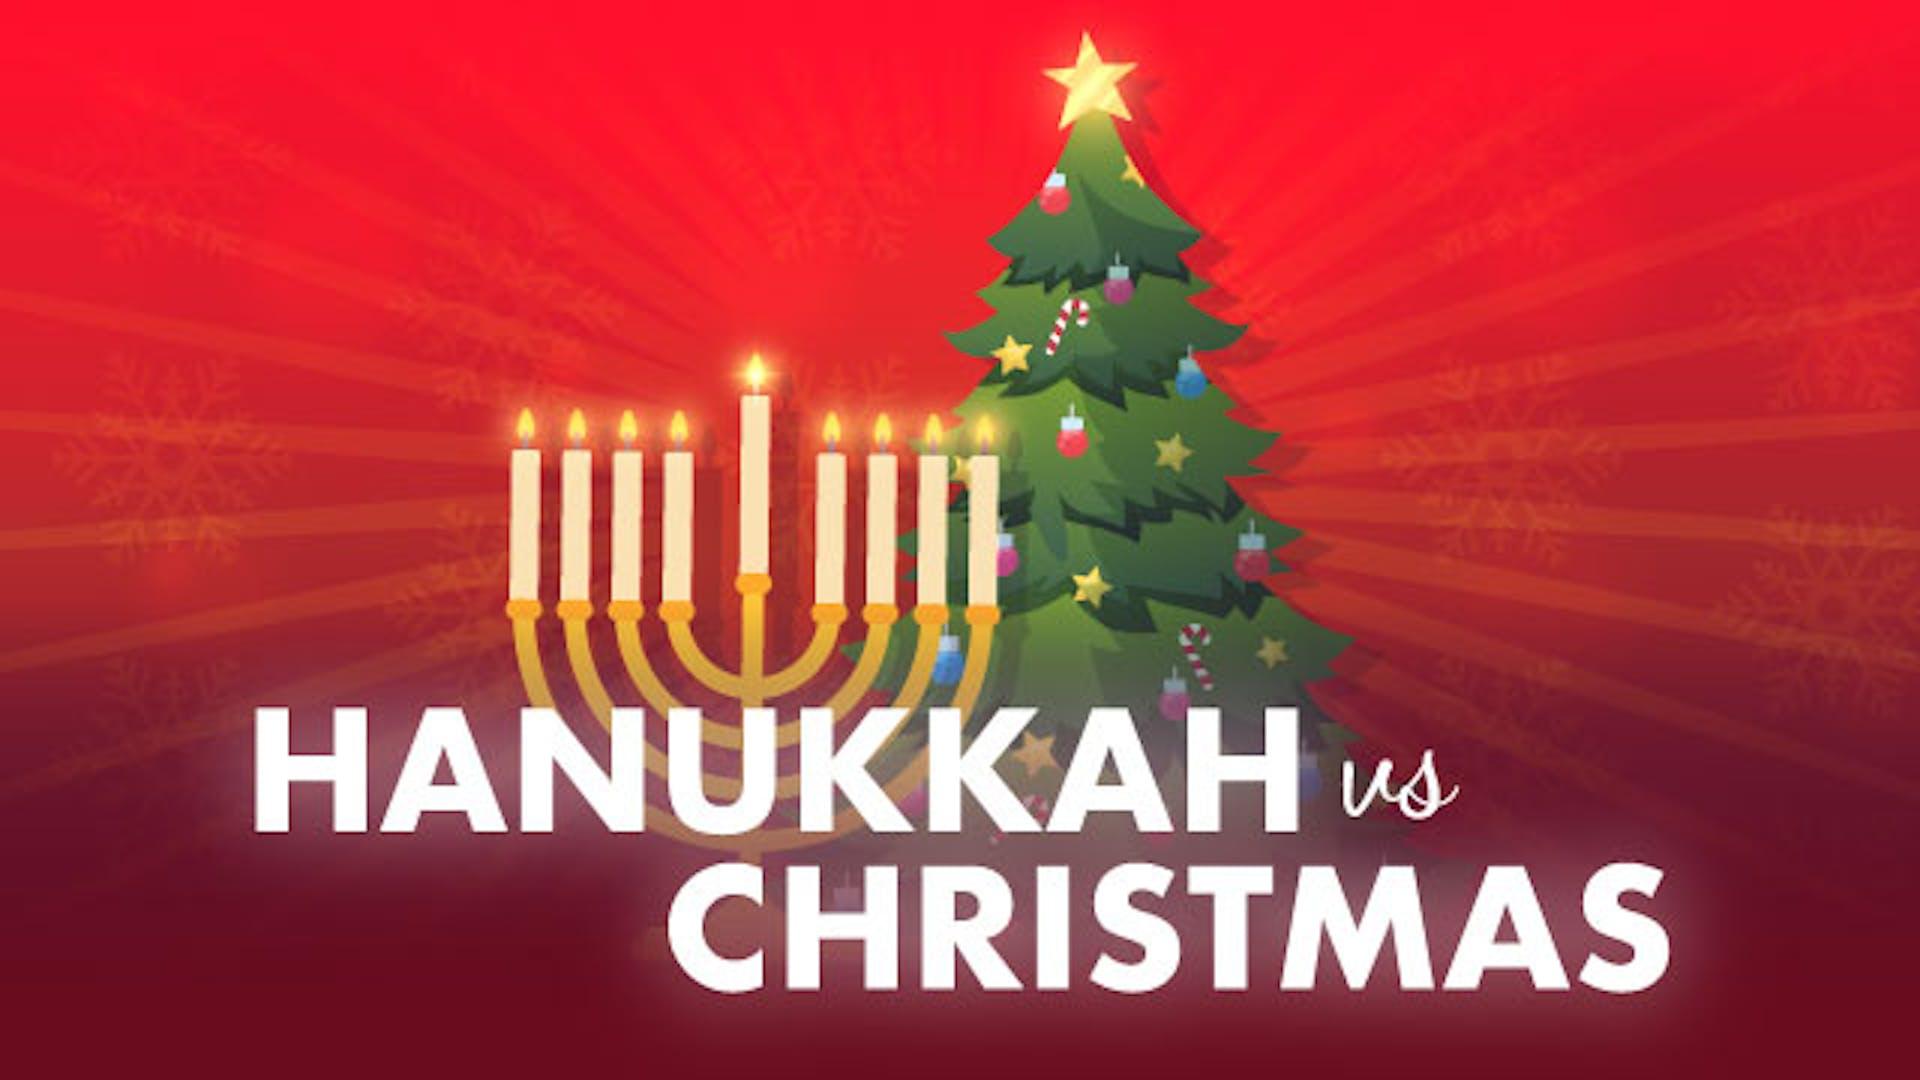 Hanukkah Jewish Christmas origins